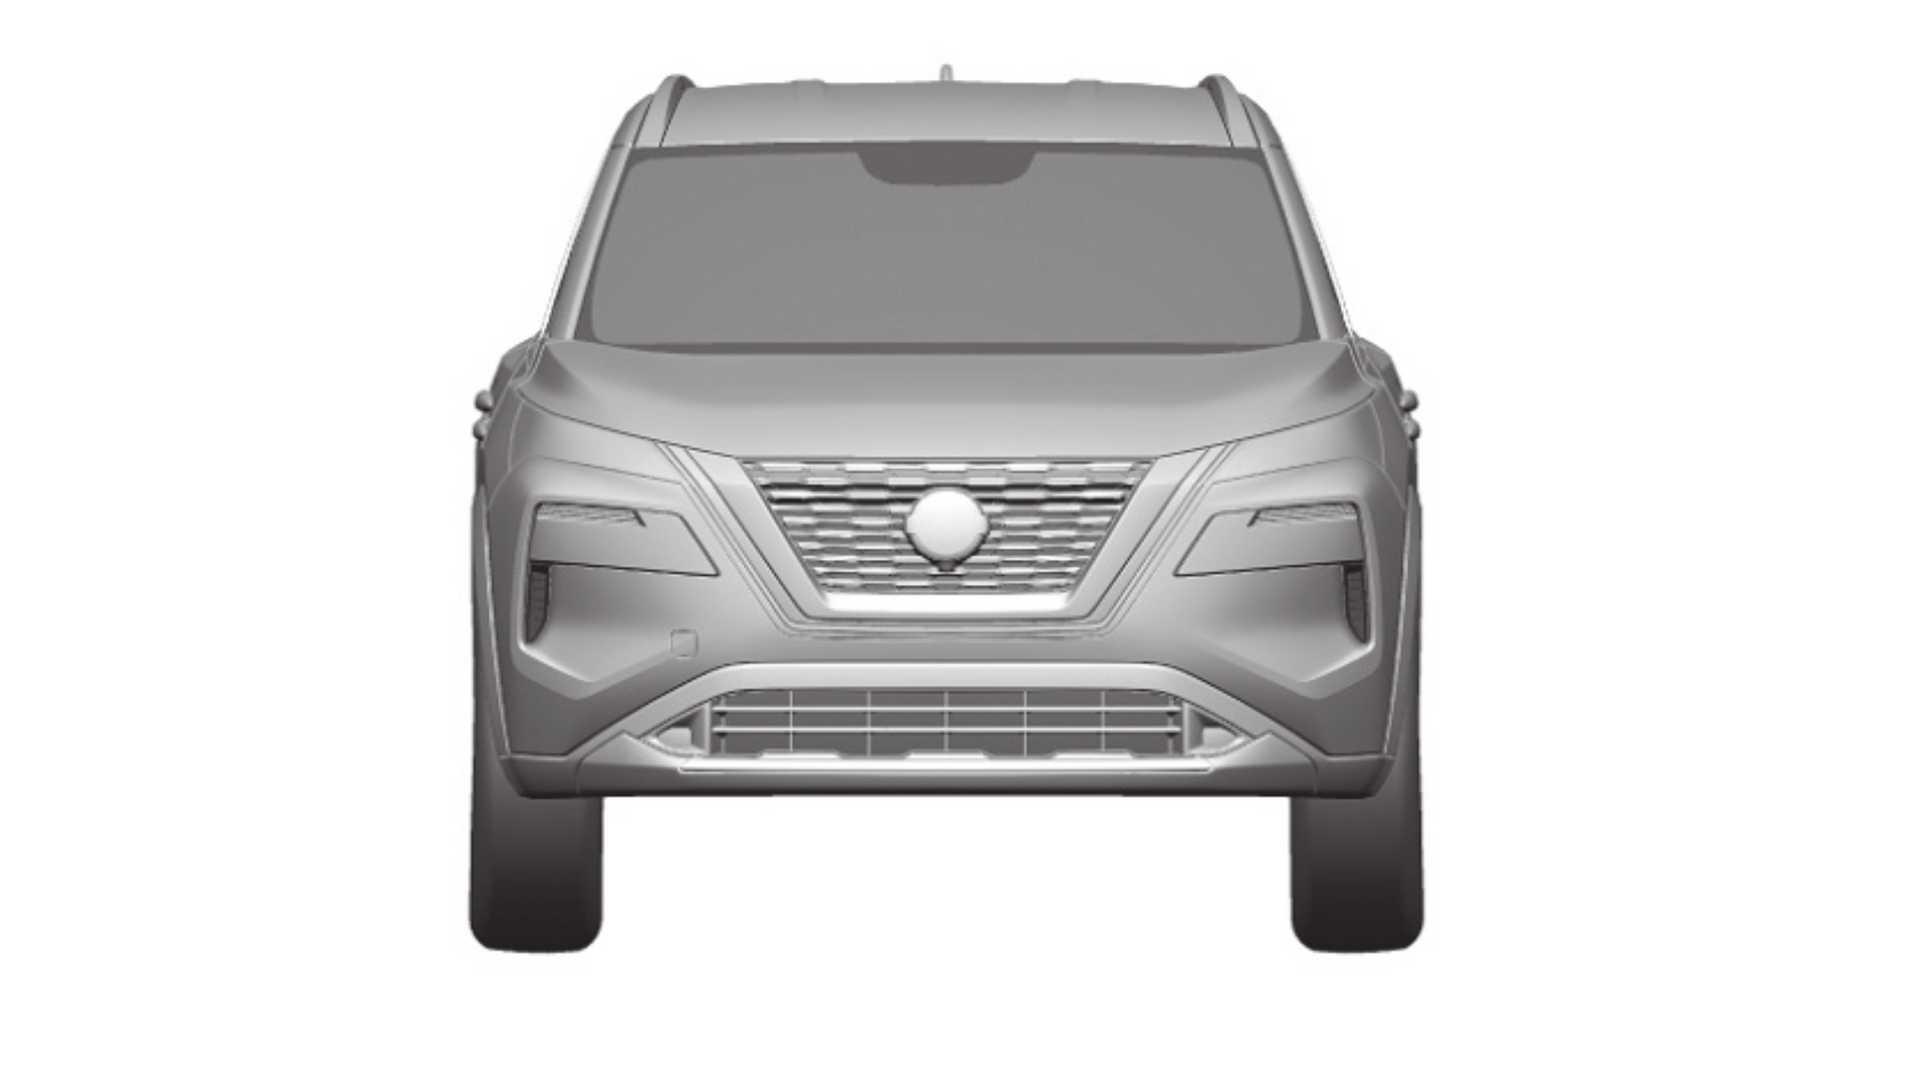 Rò rỉ hình ảnh của Nissan X-Trail 2021